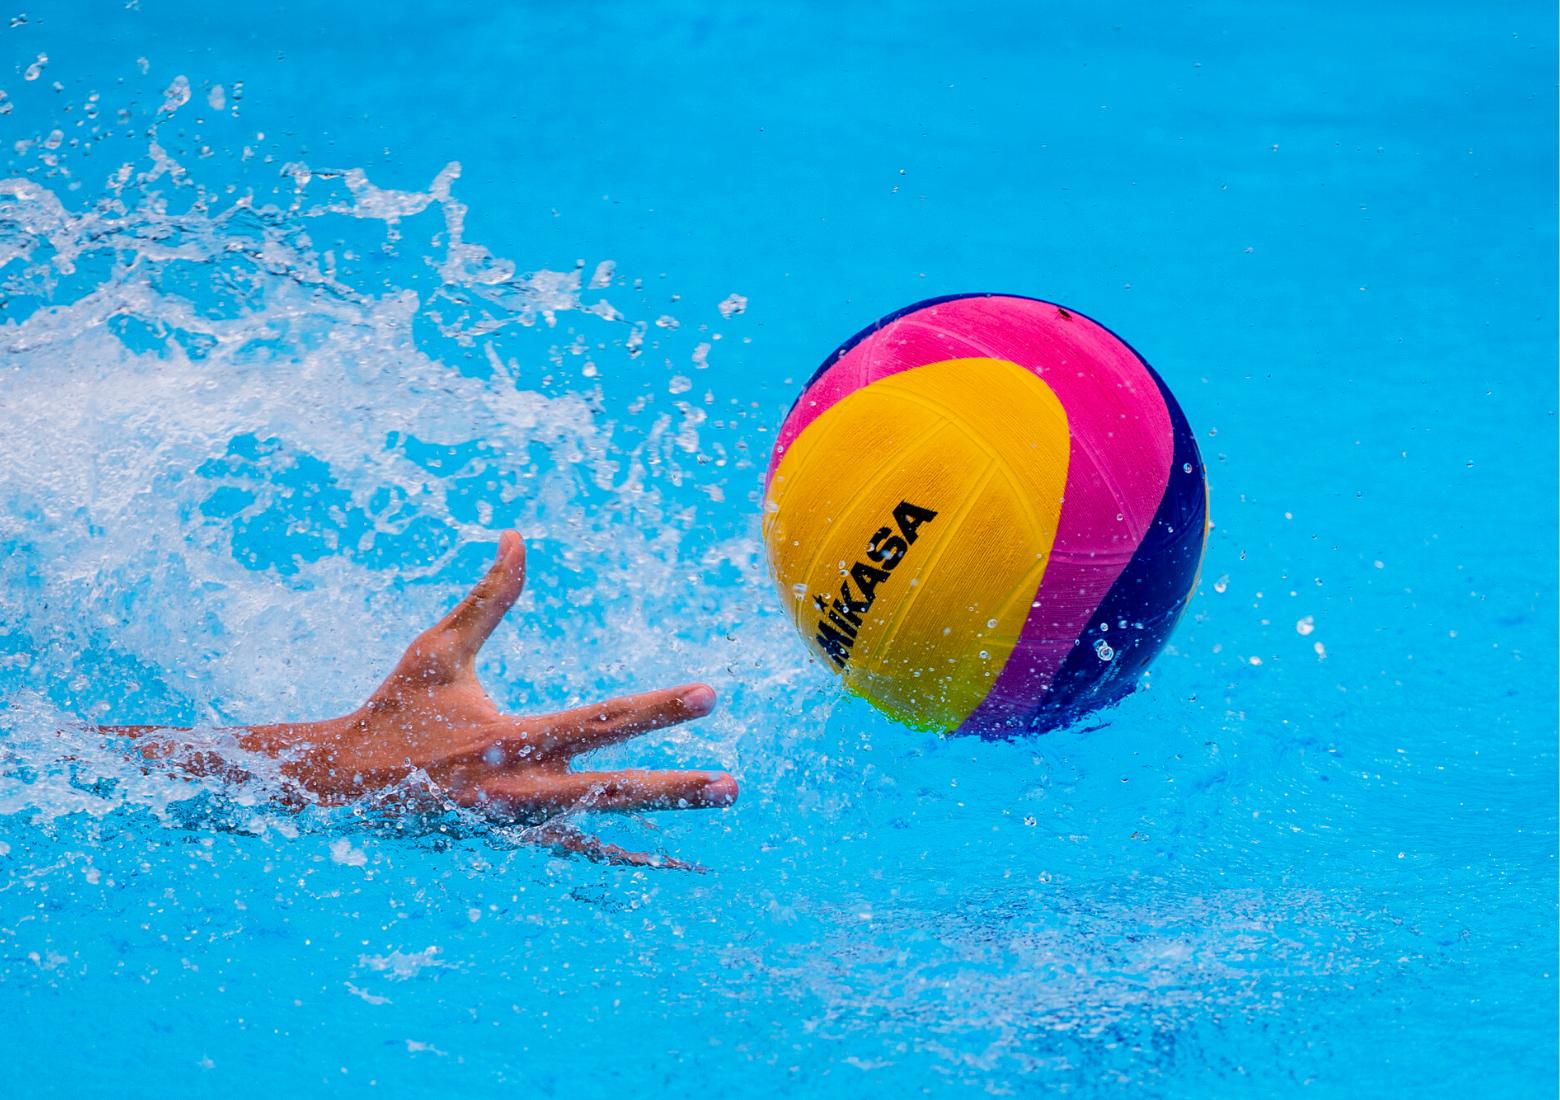 Wasserball Männer hoffen auf ihre Chance beim Olympia-Qualifikationsturnier